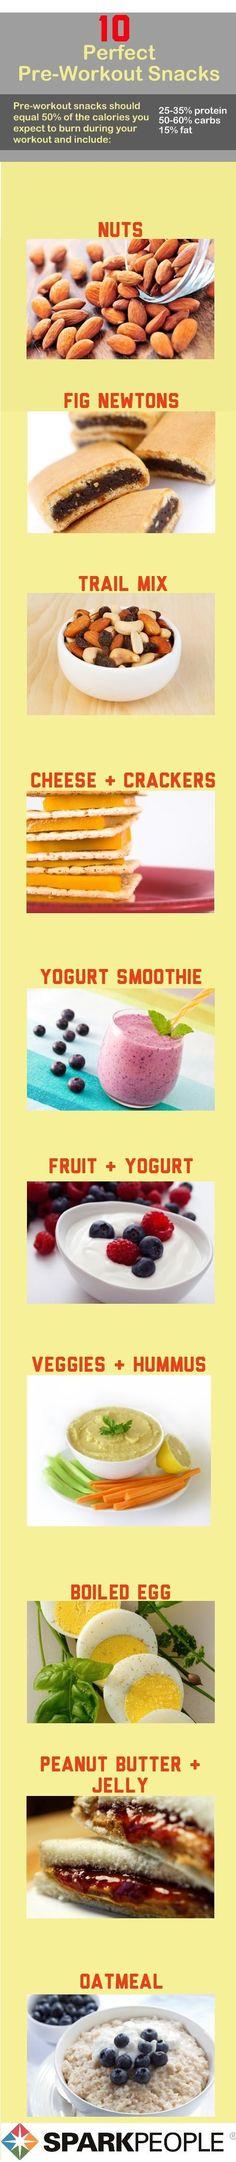 snacks o tentenpies saludables para deportistas